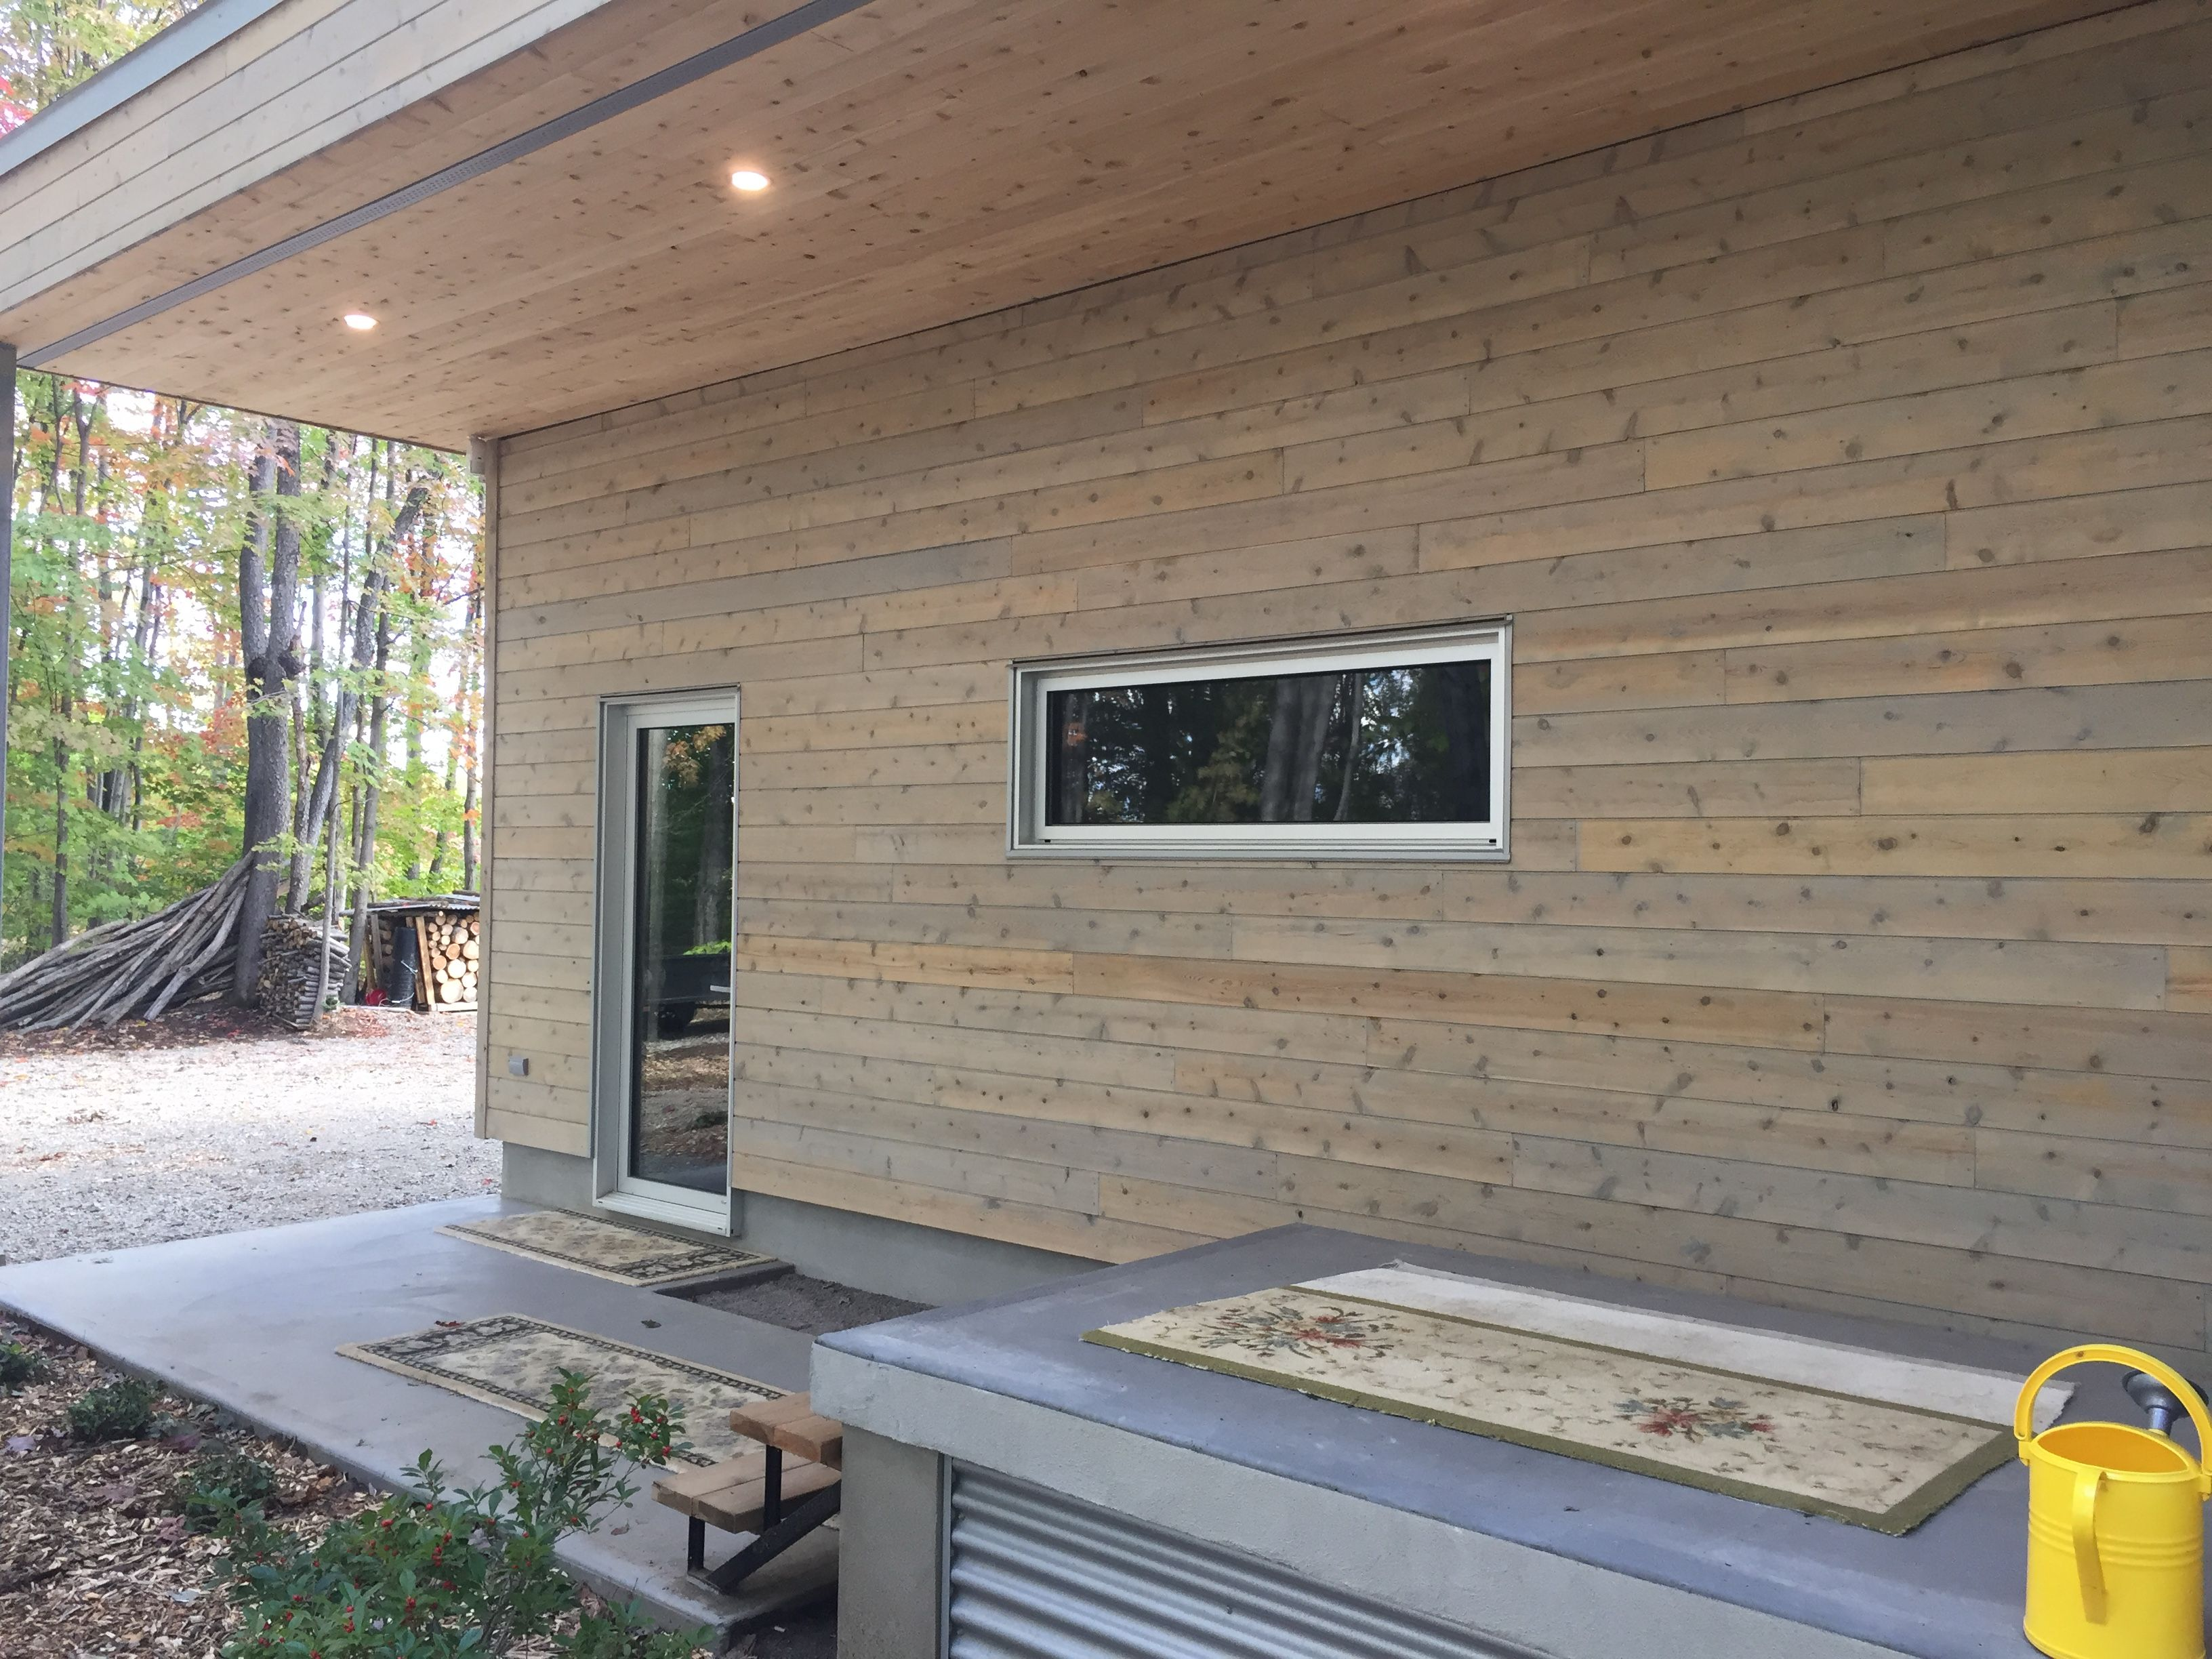 Projet Realise Avec Les Revetements De Bois Adirondack Cedre Blanc Du Quebec Noueux Avec Teinture De Vieillissement Patio Outdoor Decor Decor